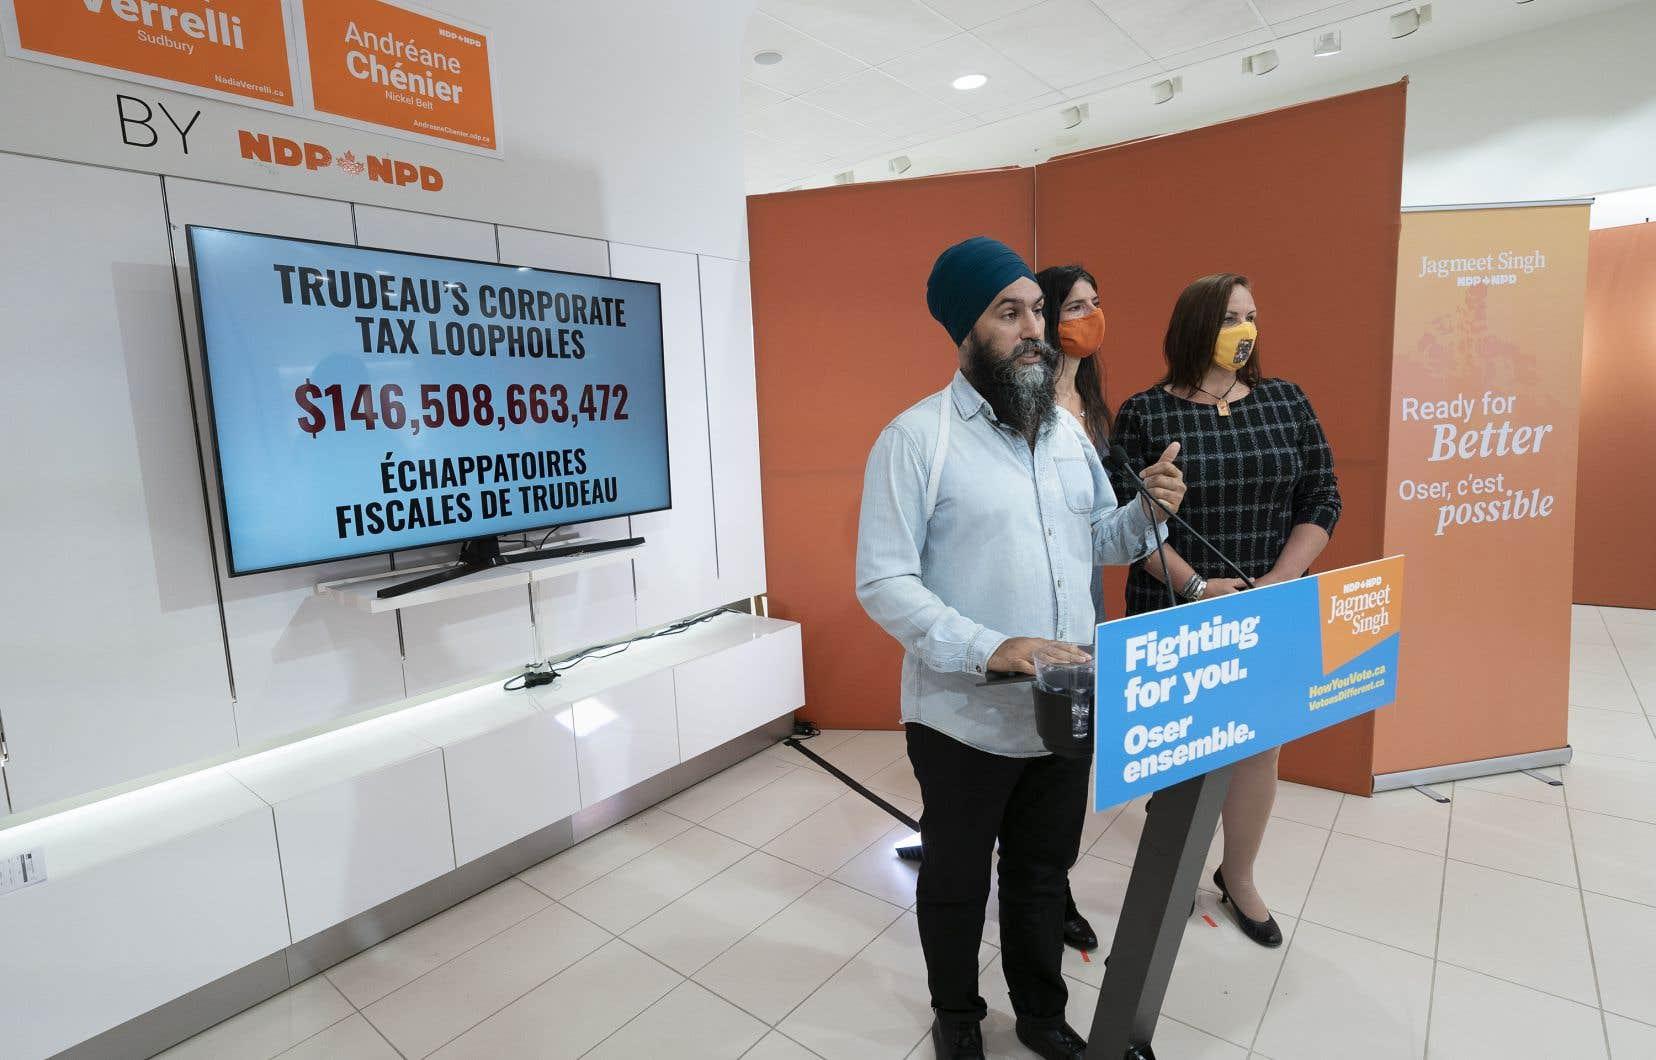 Lors d'un arrêt de campagne à Sudbury, en Ontario, M.Singh a déclaré que l'une des principales priorités de son parti était de combler les lacunes qui ont permis aux entreprises d'éviter de payer des impôts au Canada.